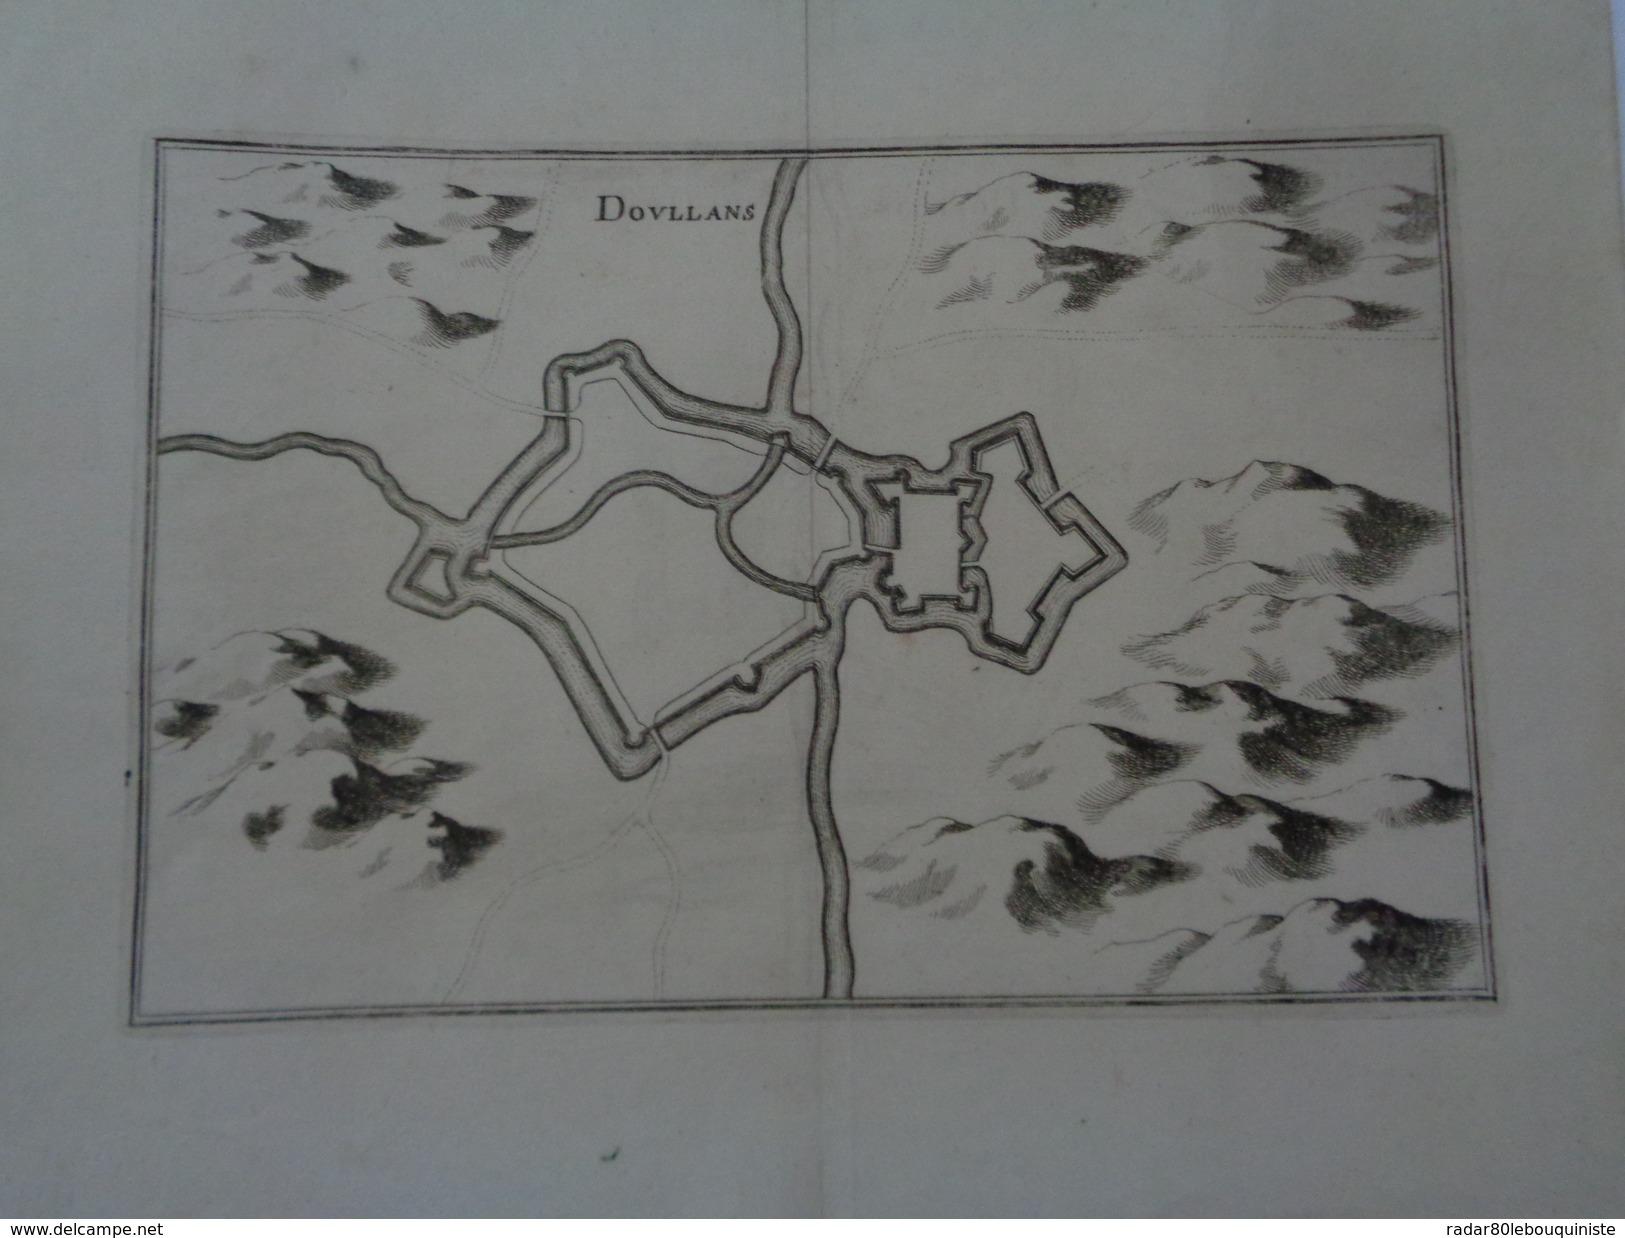 DOULLANS.(SOMME) Planche :35,5 X 28,5 Cm.pliure.MERIAN 17e.siècle.TTB. - Technical Plans